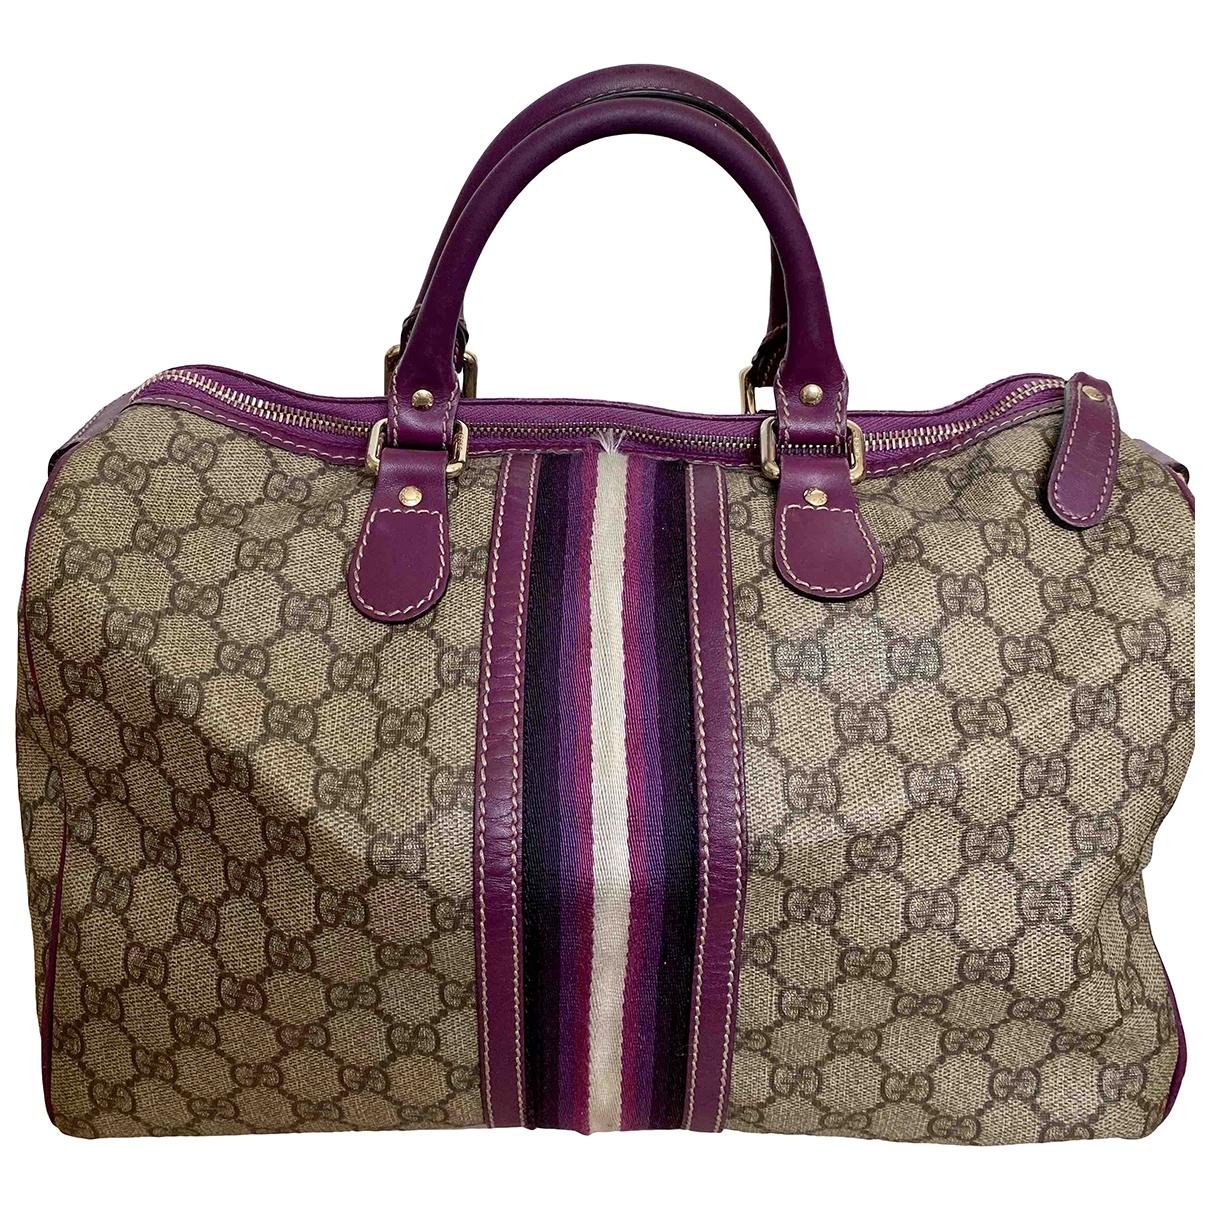 Gucci - Sac a main Boston pour femme en cuir verni - violet